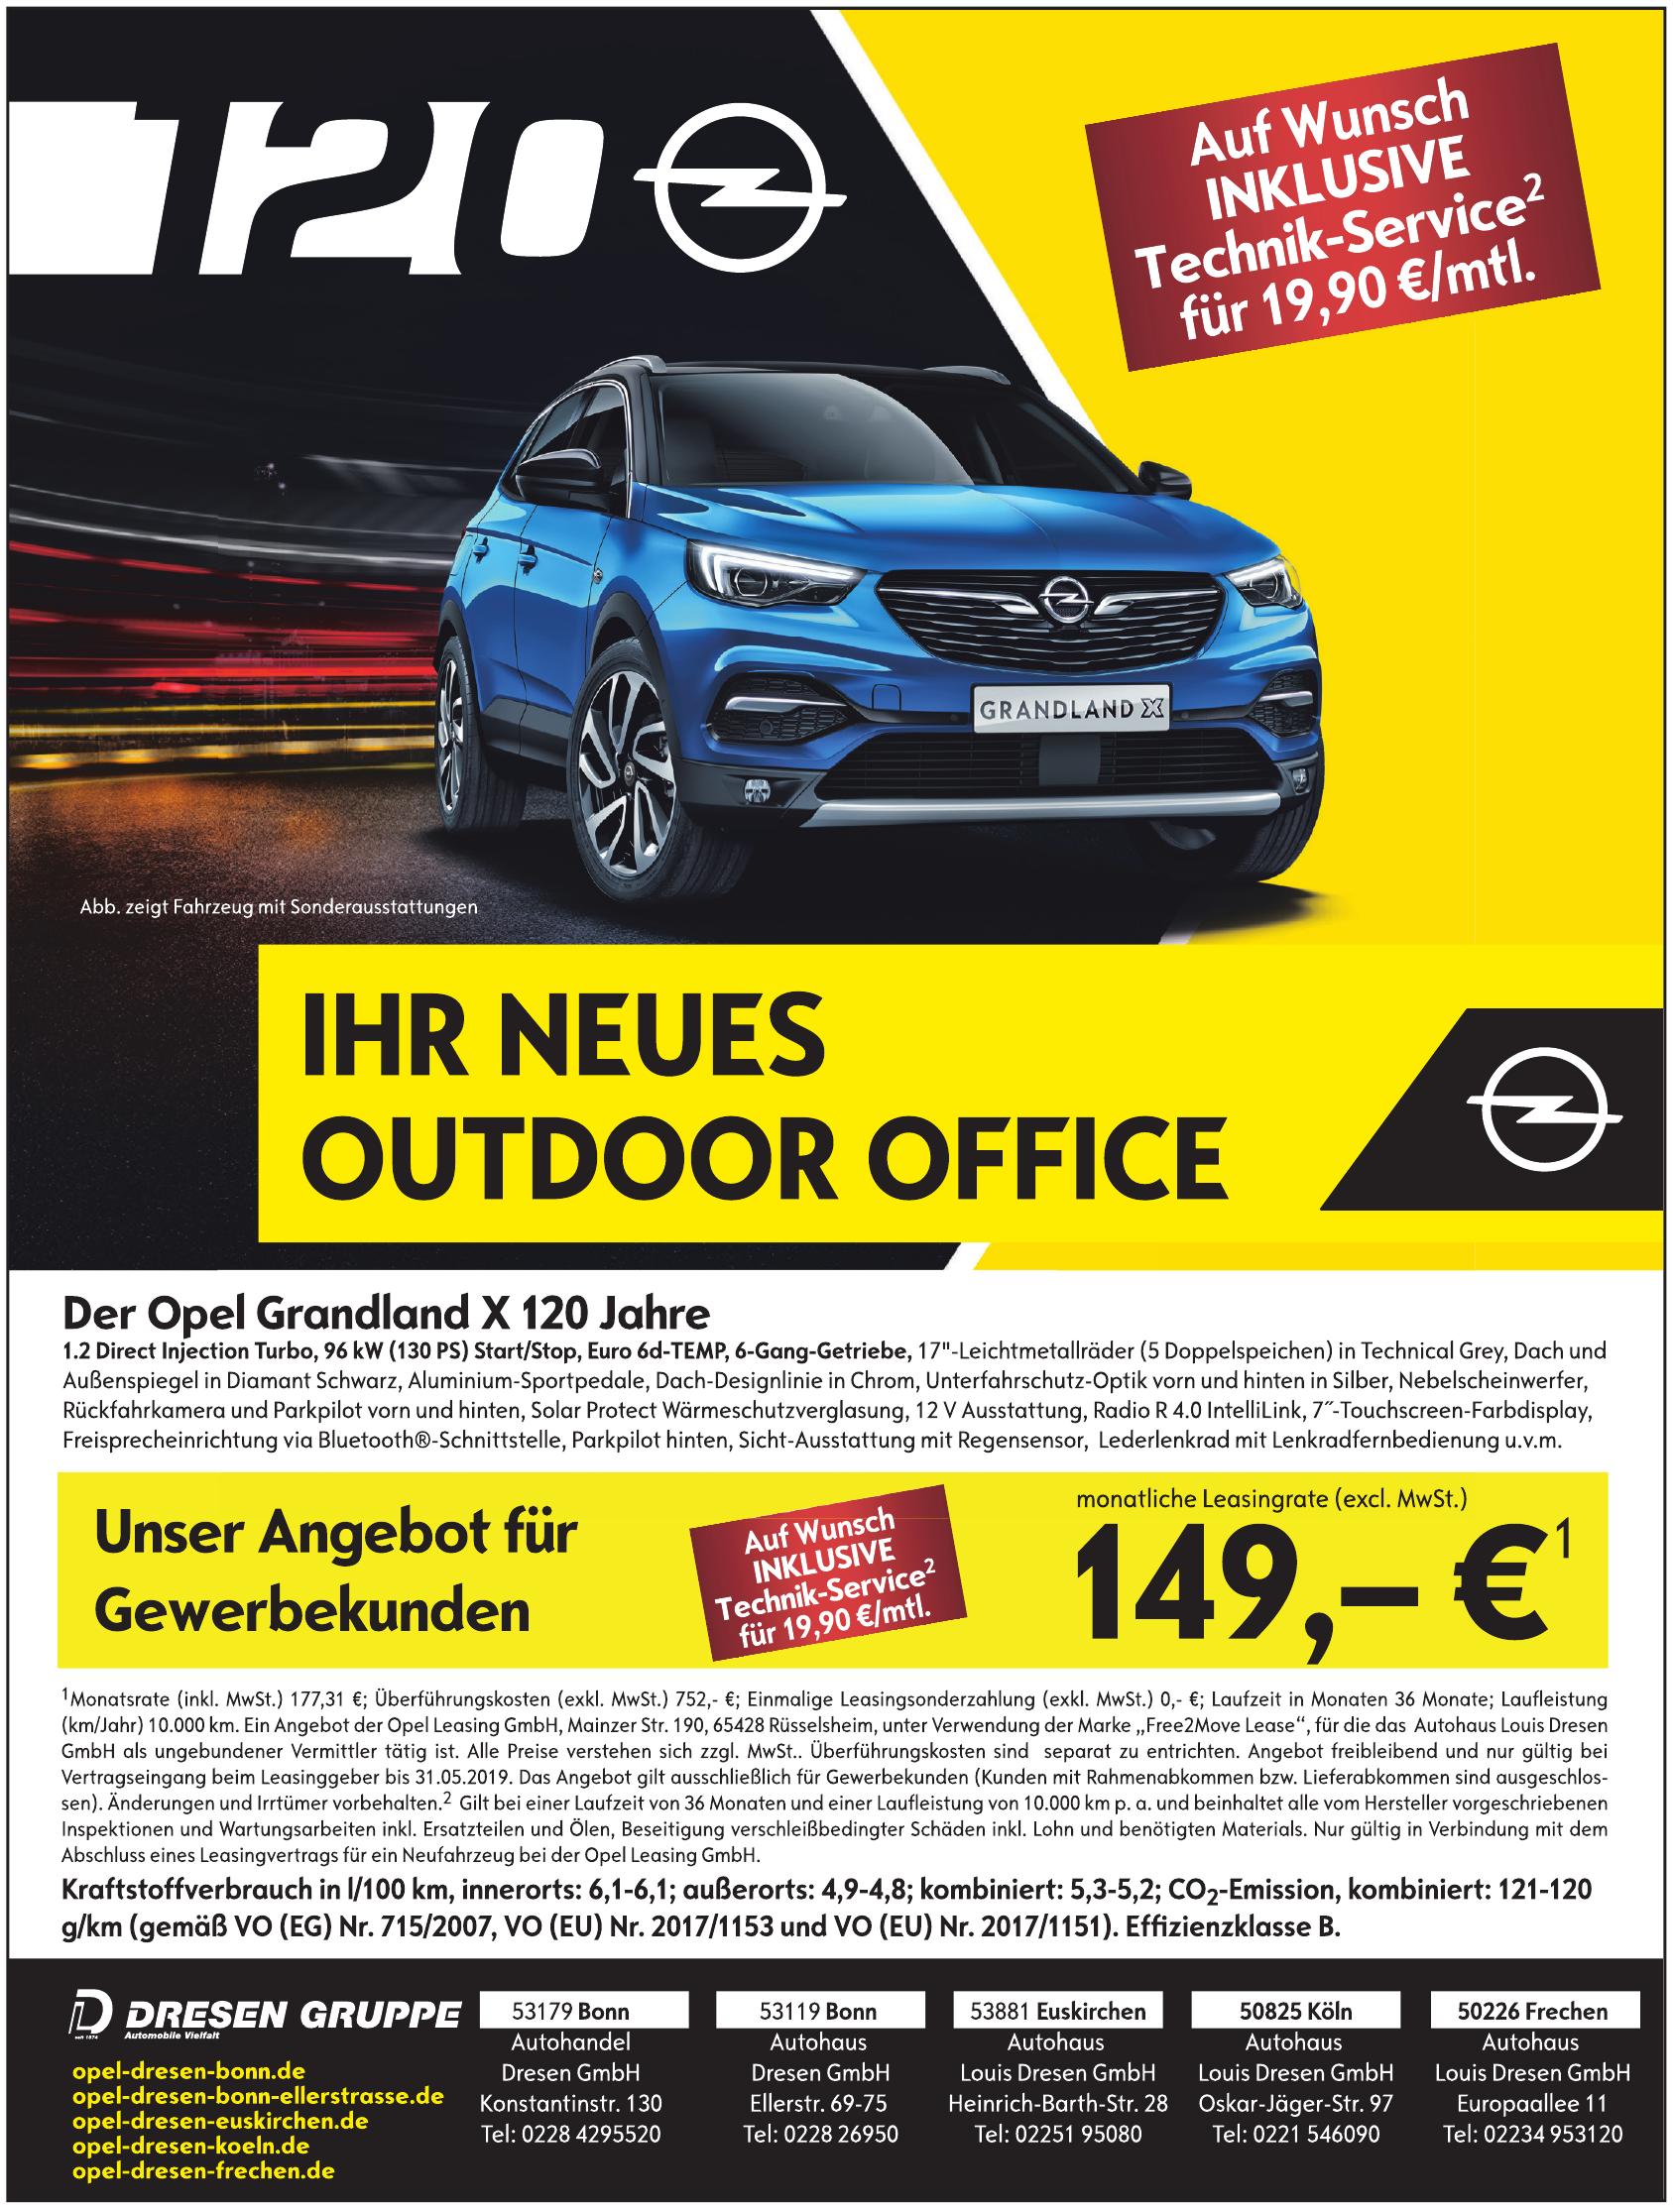 Autohandel Dresen GmbH